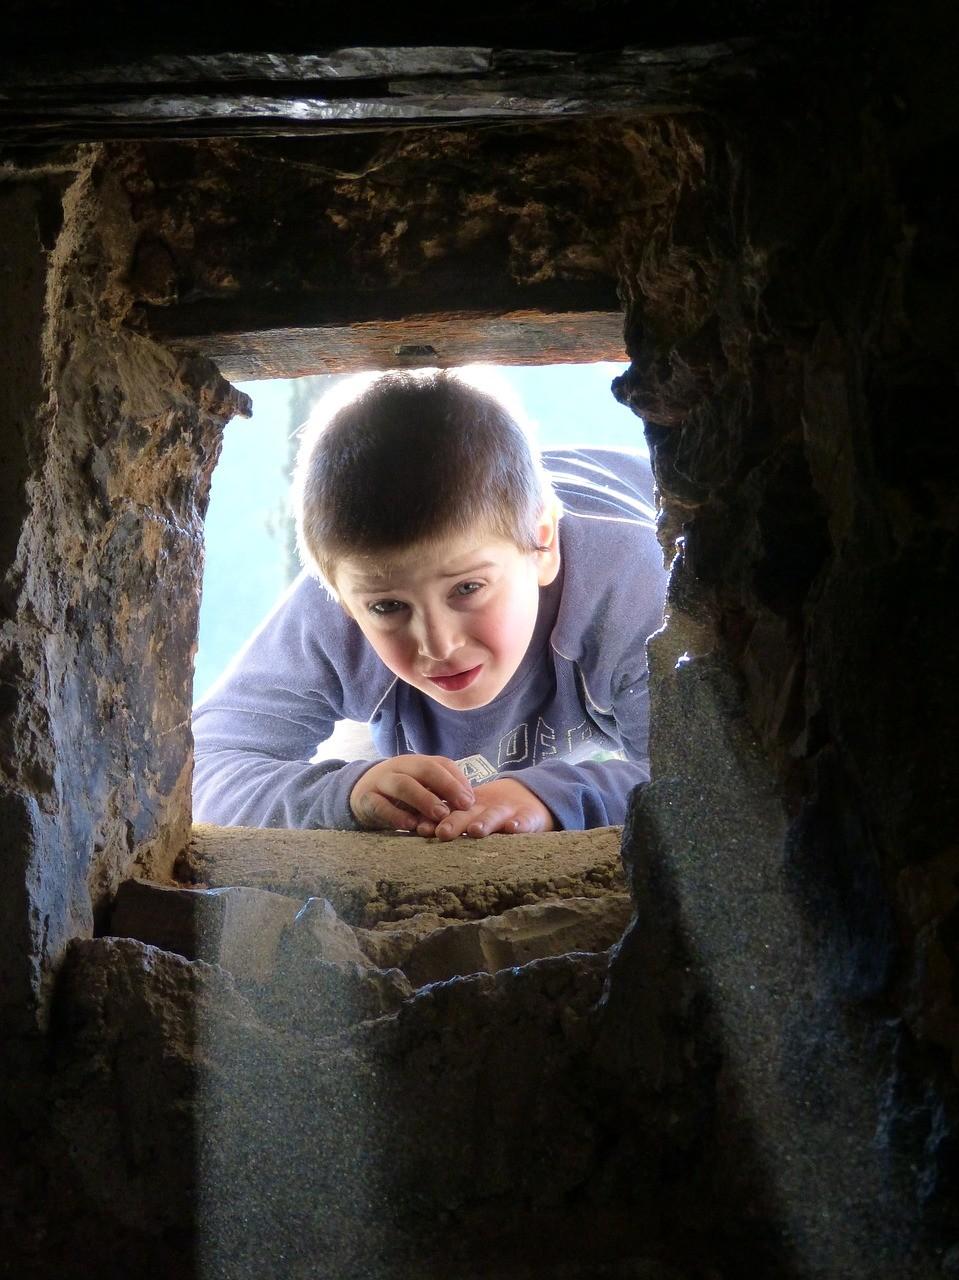 洞窟探検をしている少年